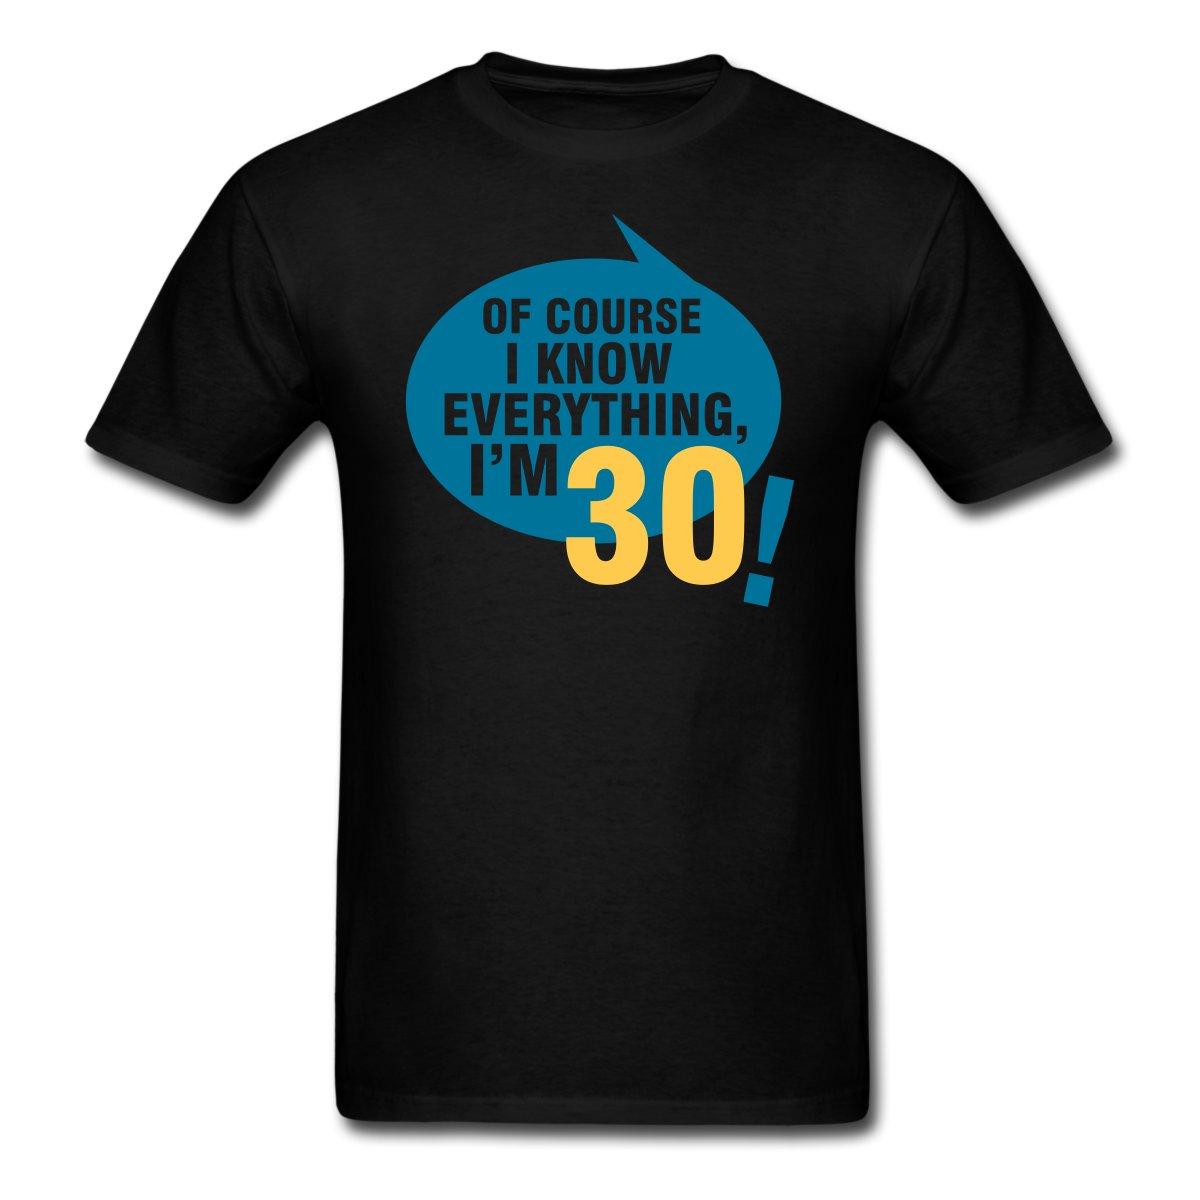 высыхания футболка с поздравлением 30 лет тут хорошая